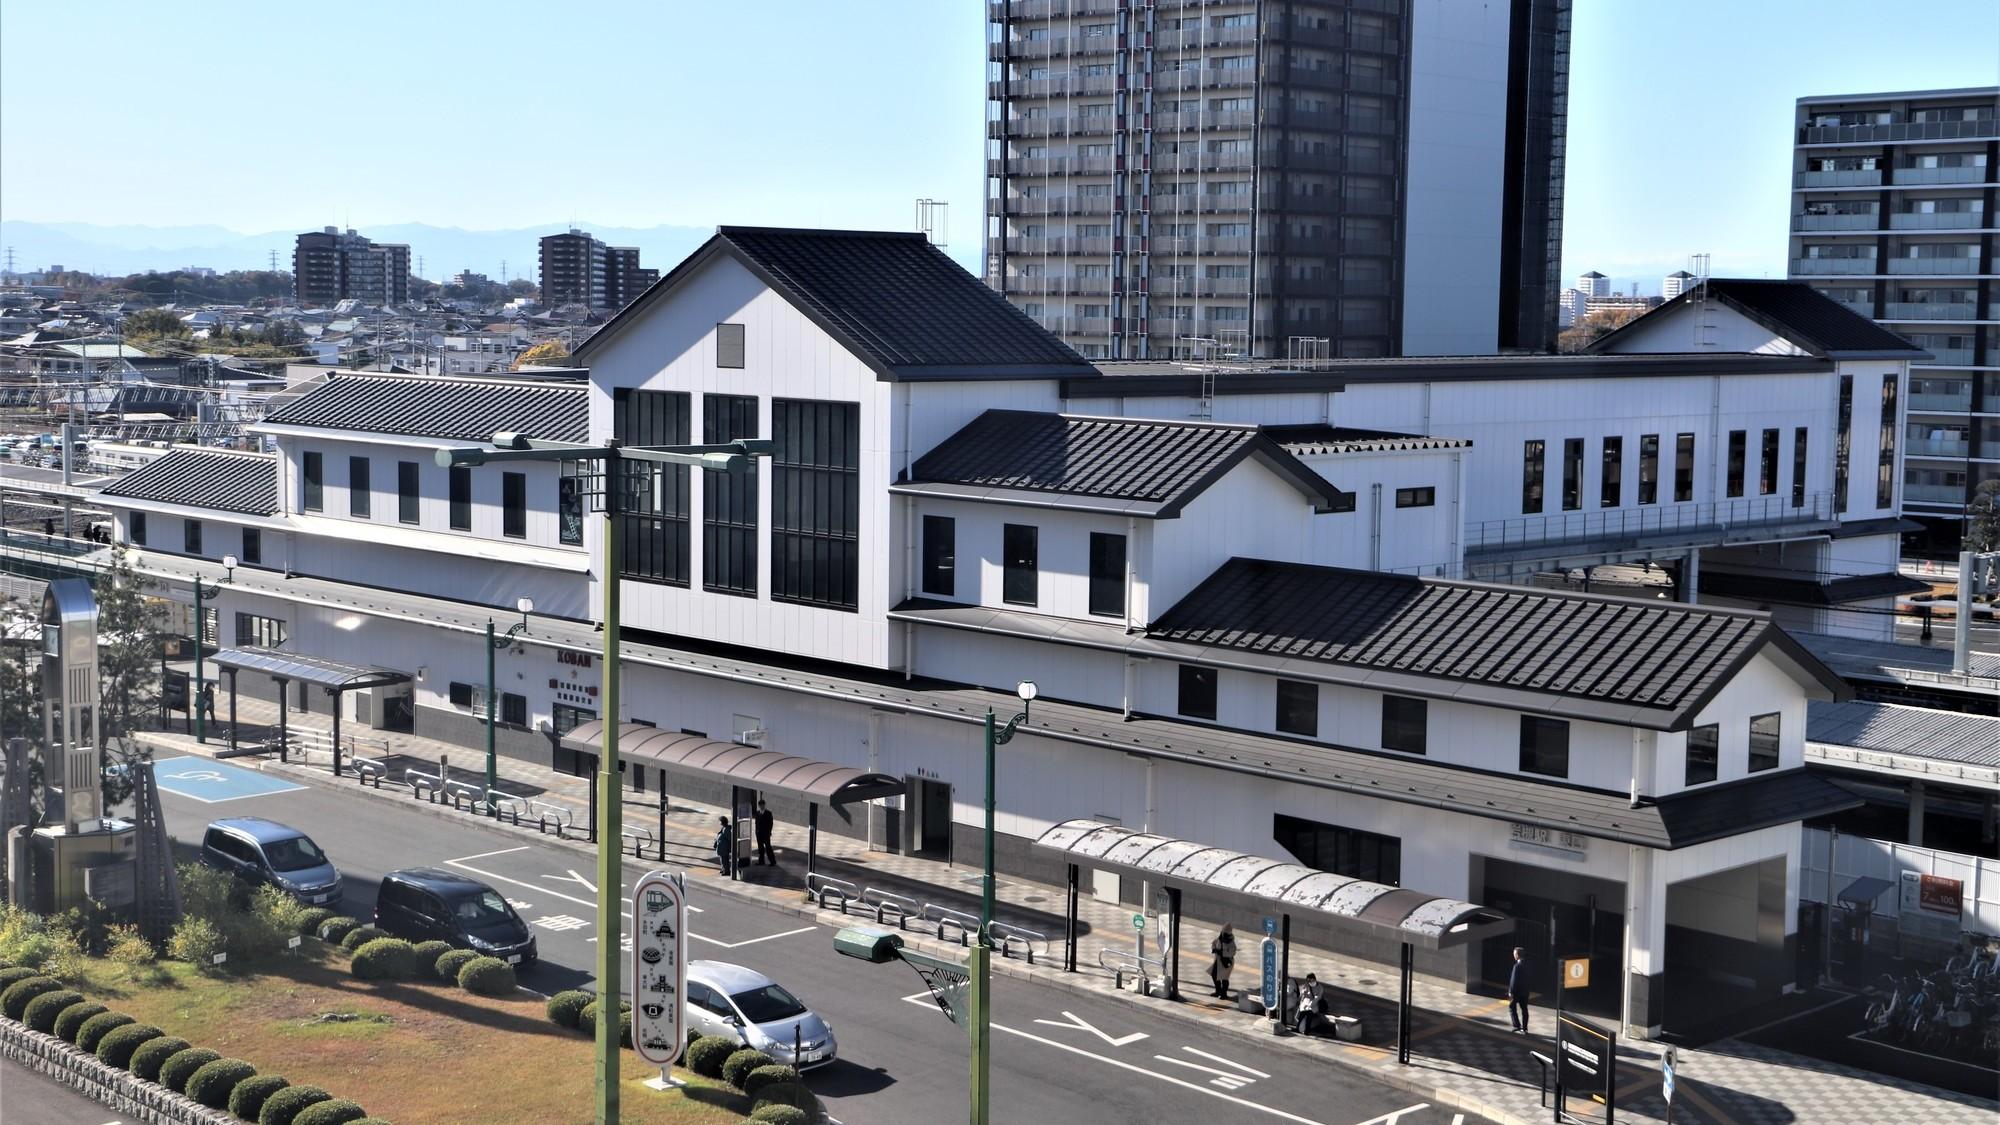 都心勤務の20代会社員「埼玉・岩槻」に住む選択は、ありか?